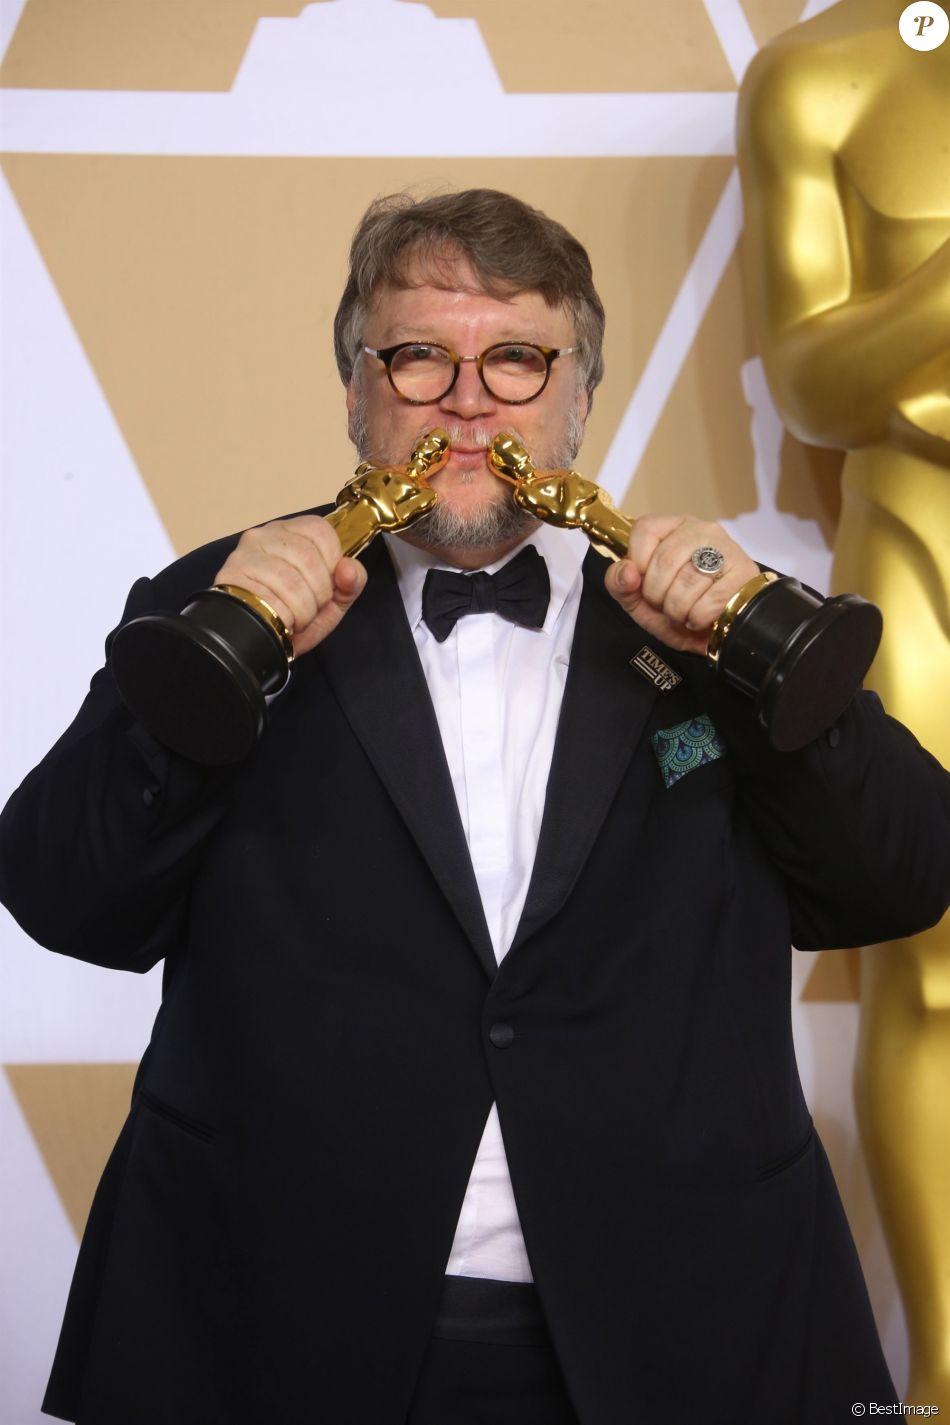 Guillermo del Toro (Oscar du meilleur film pour 'La Forme de l'eau') à la press room de la 90ème cérémonie des Oscars 2018 au théâtre Dolby à Los Angeles, le 4 mars 2018